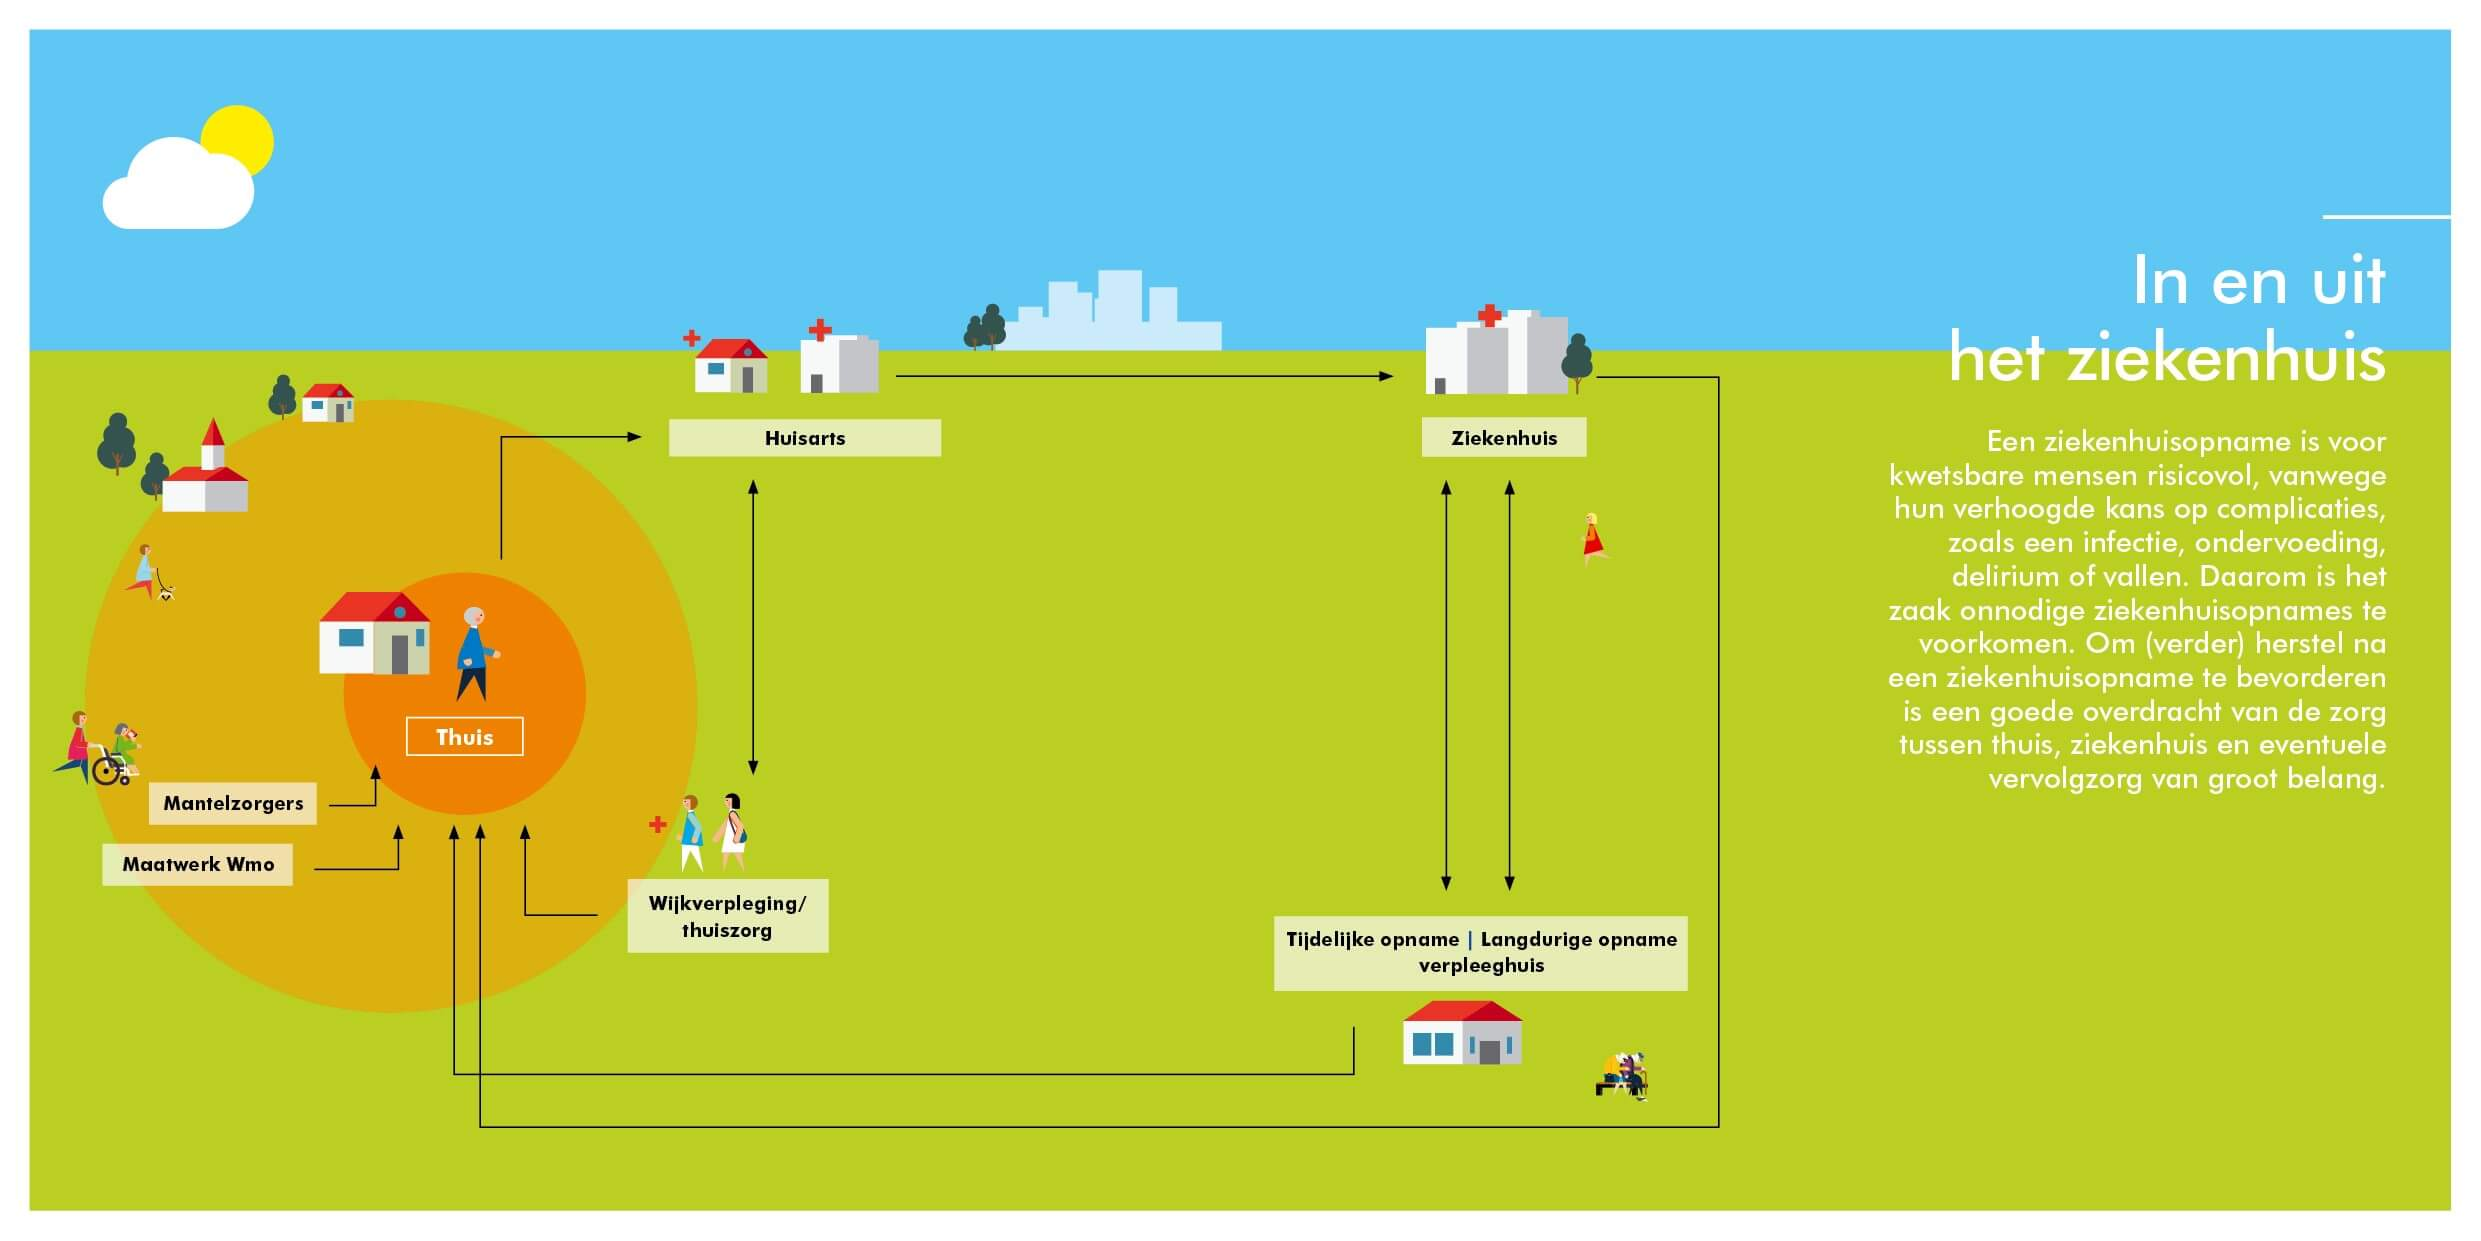 Infographic Ketenoverzicht deelketen in en uit het ziekenhuis